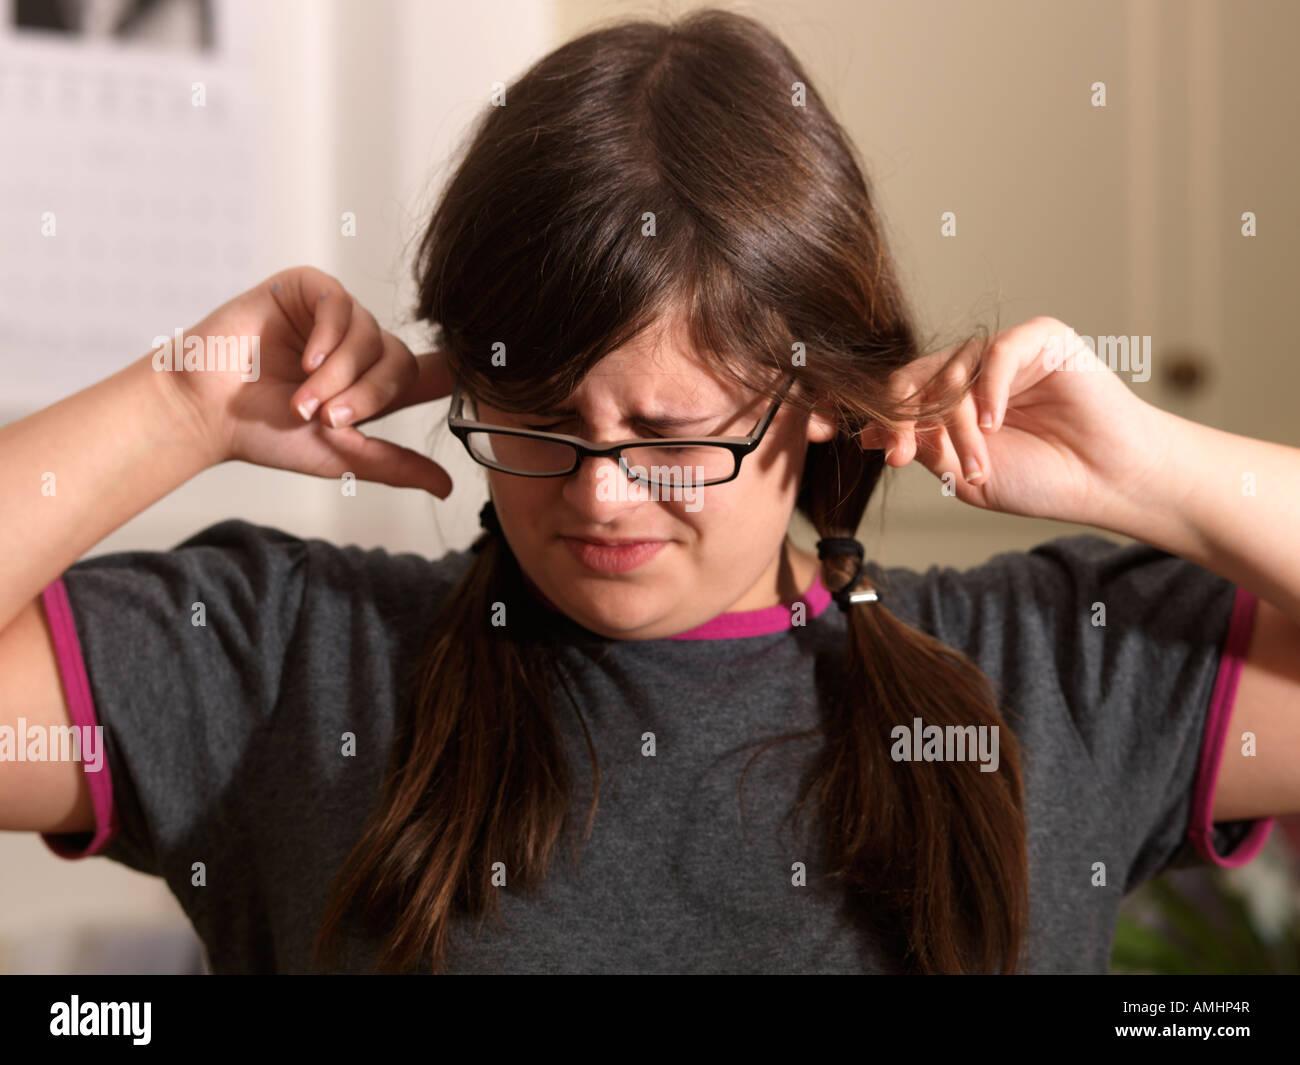 Adolescente con los dedos en las orejas. Imagen De Stock